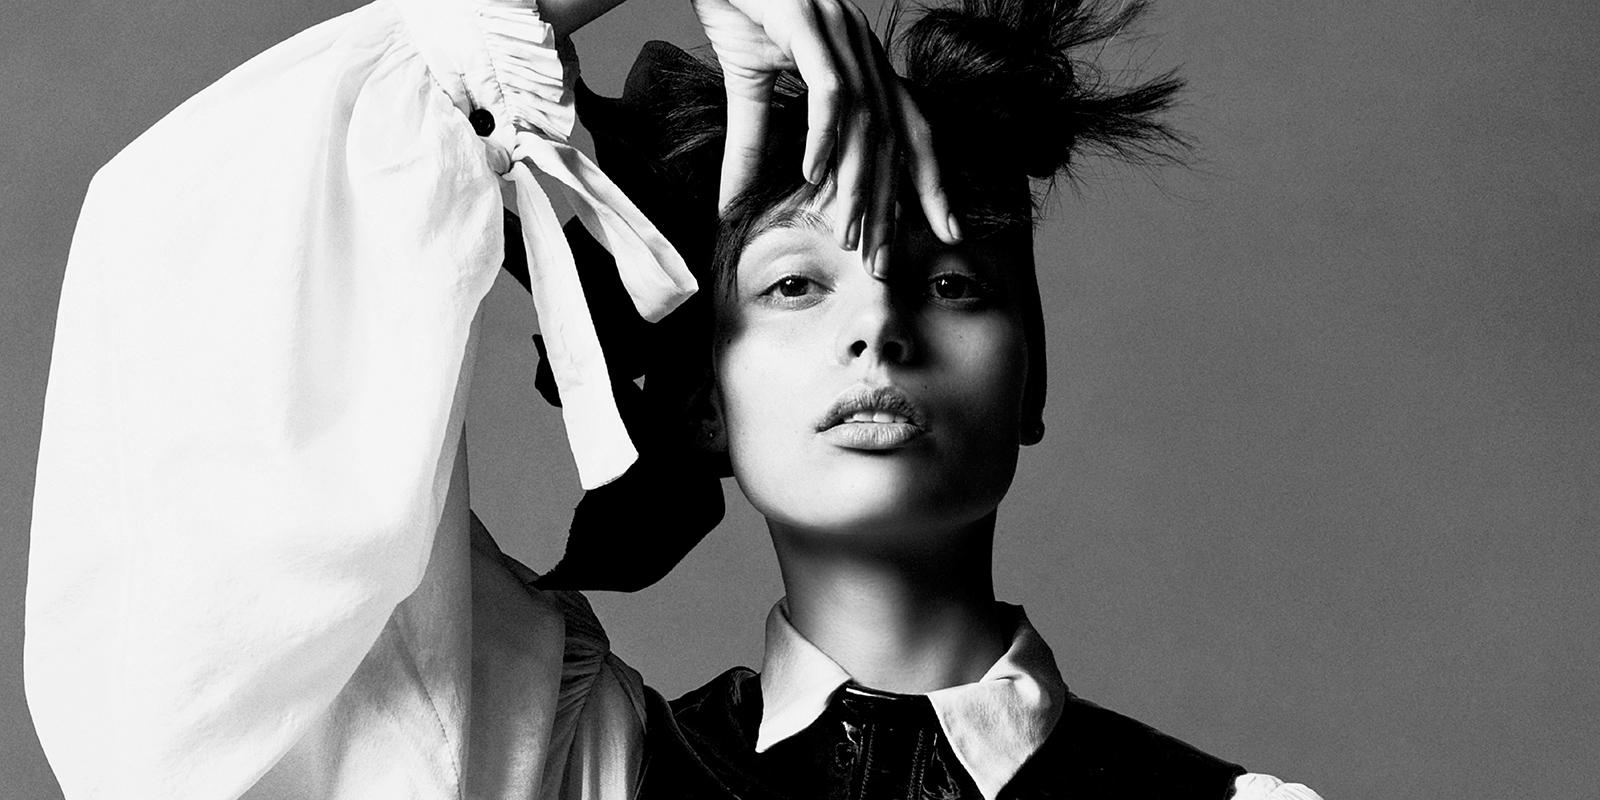 img@@@.imagetwist.com0 Charlee Fraser | Vogue Japan